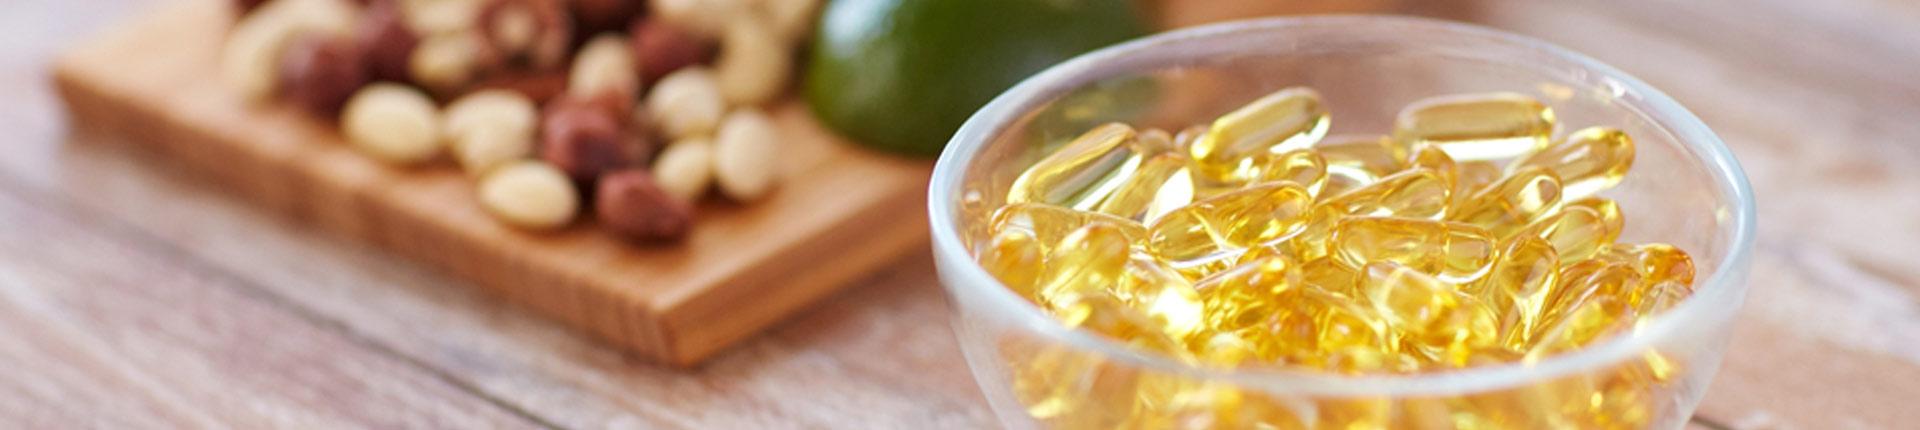 Kwasy tłuszczowe Omega-3 skutecznie  zwalczają stany zapalne